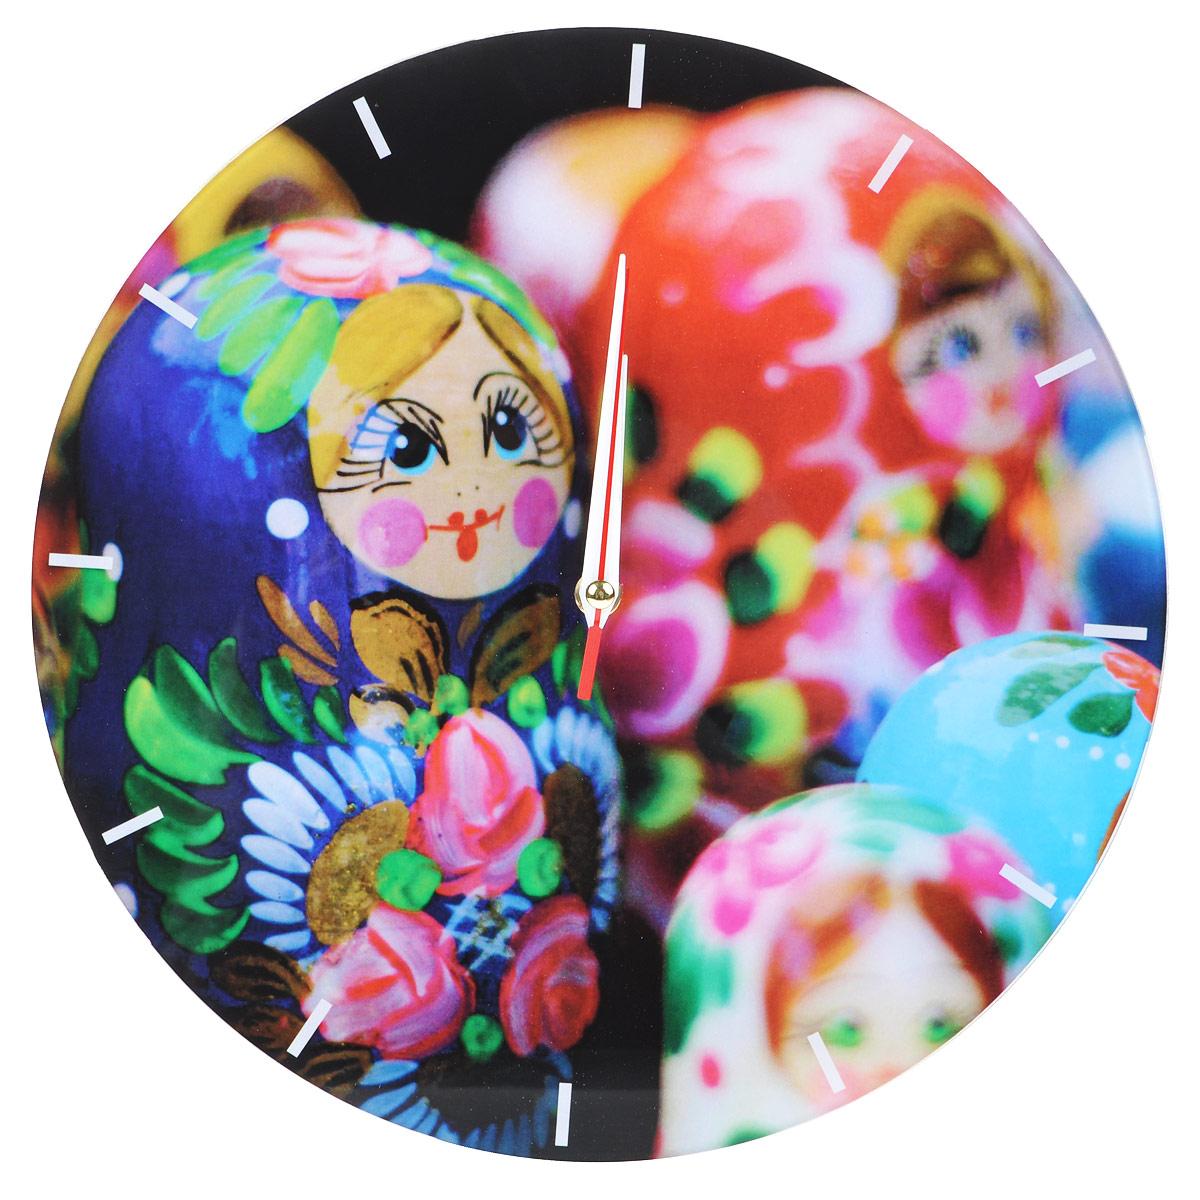 Часы настенные Матрешки, стеклянные, цвет: мульти. 9554495544Оригинальные настенные часы Матрешки круглой формы выполнены из стекла и оформлены изображением матрешек. Часы имеют три стрелки - часовую, минутную и секундную. Циферблат часов не защищен. Необычное дизайнерское решение и качество исполнения придутся по вкусу каждому. Оформите свой дом таким интерьерным аксессуаром или преподнесите его в качестве презента друзьям, и они оценят ваш оригинальный вкус и неординарность подарка. Характеристики: Материал: пластик, стекло. Диаметр: 28 см. Работают от батарейки типа АА (в комплект не входит).